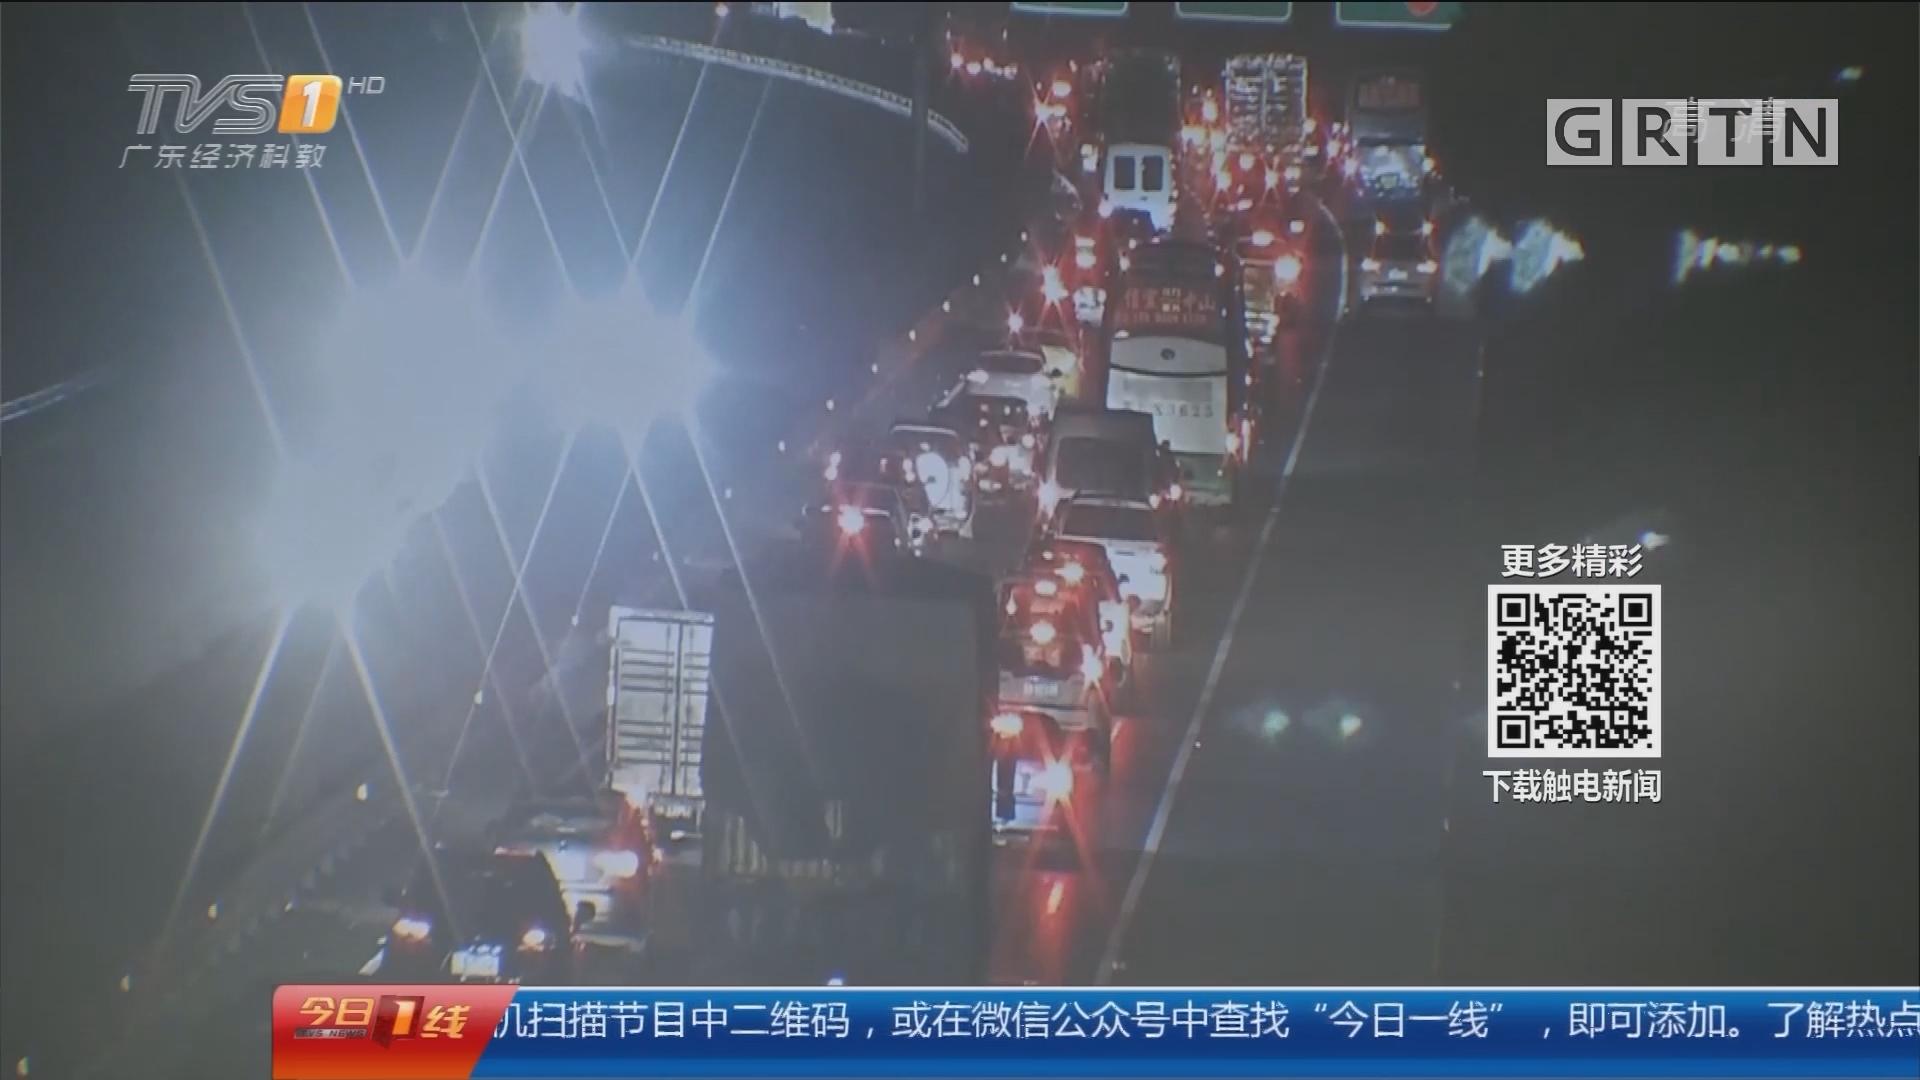 今夜最新:广东交通监控中心 省内交通繁忙 机场高速车流量大